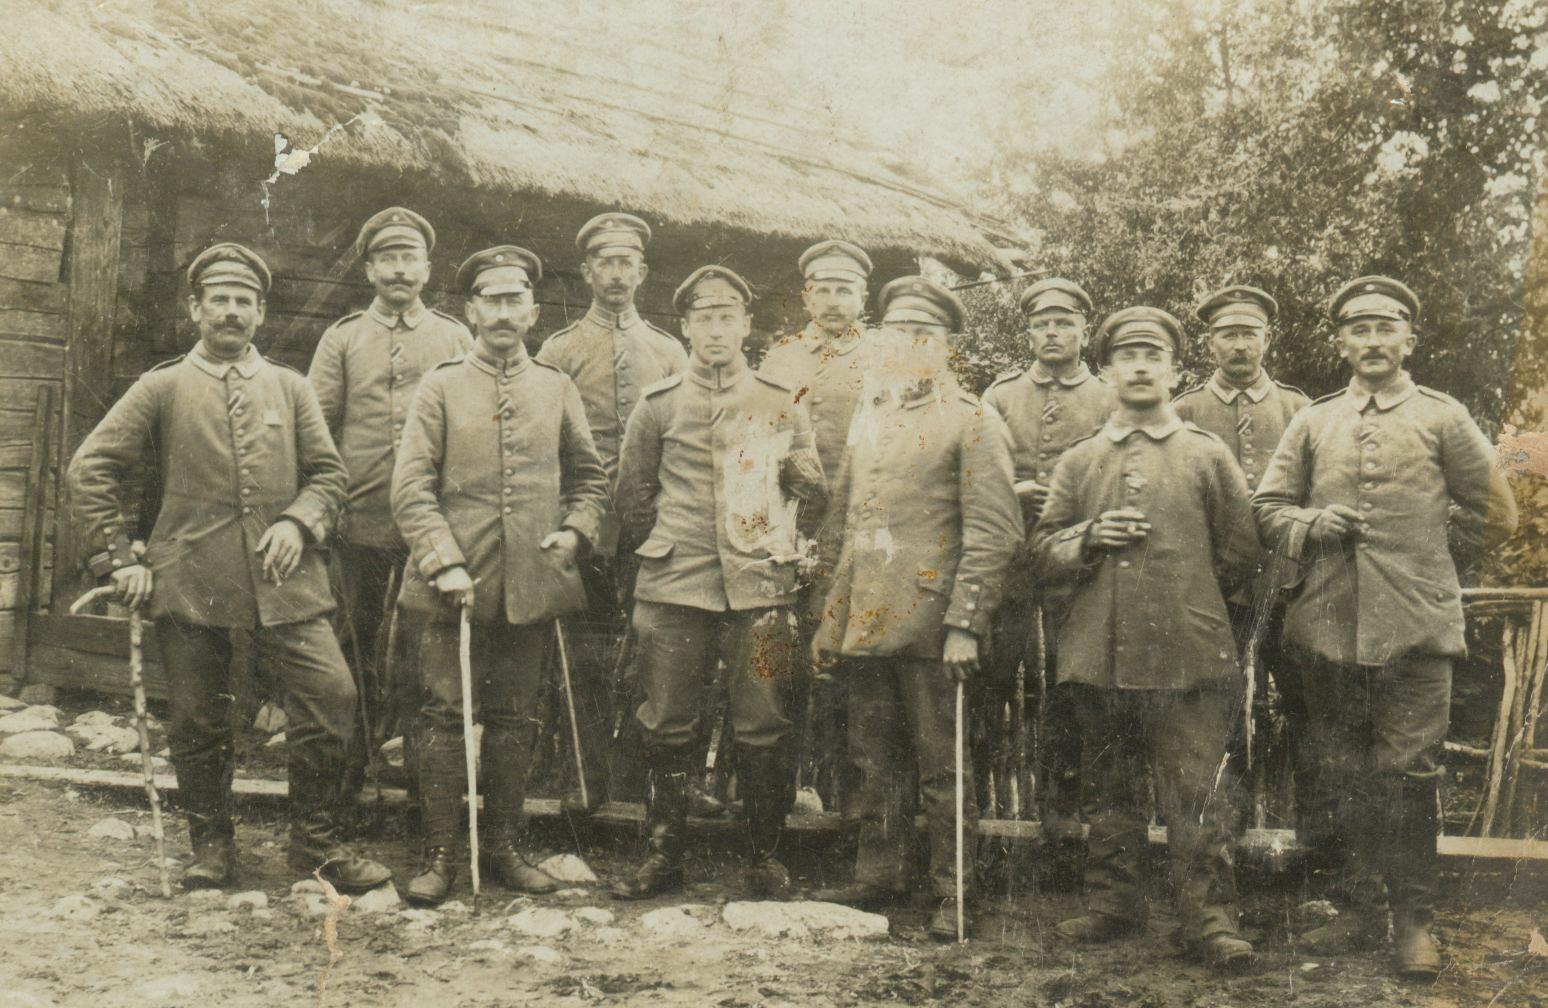 Podoficerowie Lanwehr-Infanterie-Regiment 61 ze składu 85. Landwehr-Division odznaczeni Krzyżami Żelaznymi za walki podczas kampanii letniej 1915 roku na froncie wschodnim. Drugi z prawej to Jacob Murawski (pradziadek Marka Murawskiego). W środku - dowódca pułku, Oberstleutnant Kurt Feldtkeller, właściciel majątku Kleefelde (Koniczynka pod Toruniem), póżniej - w okresie międzywojennym Przewodniczący Rady Nadzorczej Cukrowni Chełmża i pracodawca mojego pradziadka Marka Murawskiego, który zajmował w jego majątku stanowisko Stallmeister, czyli masztalerz (fot. archiwum prywatne)